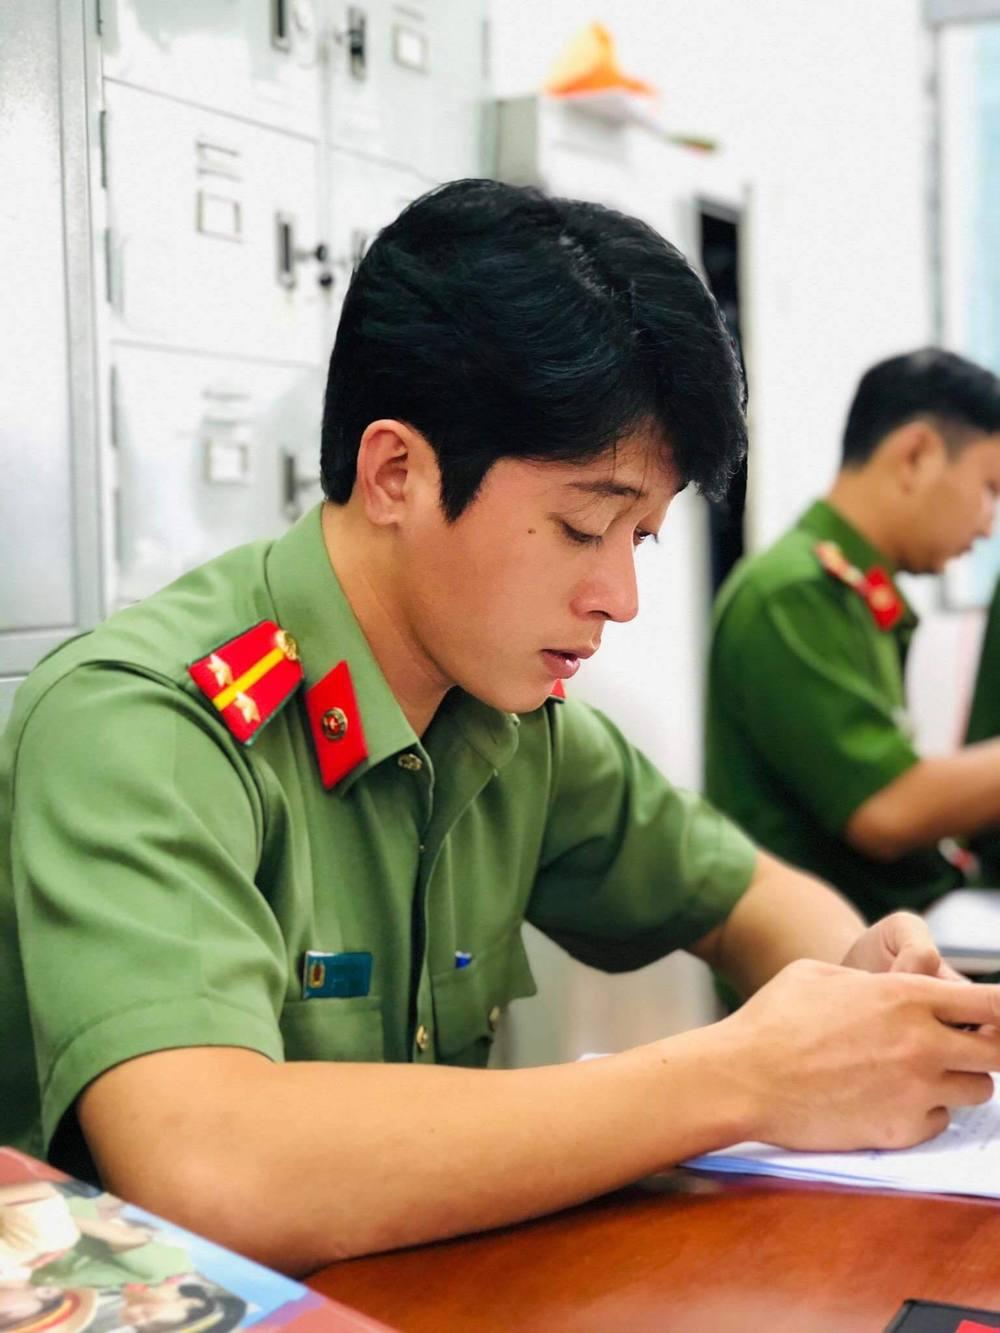 Khám sức khỏe sơ tuyển nghĩa vụ quân sự được thực hiện tại đâu?